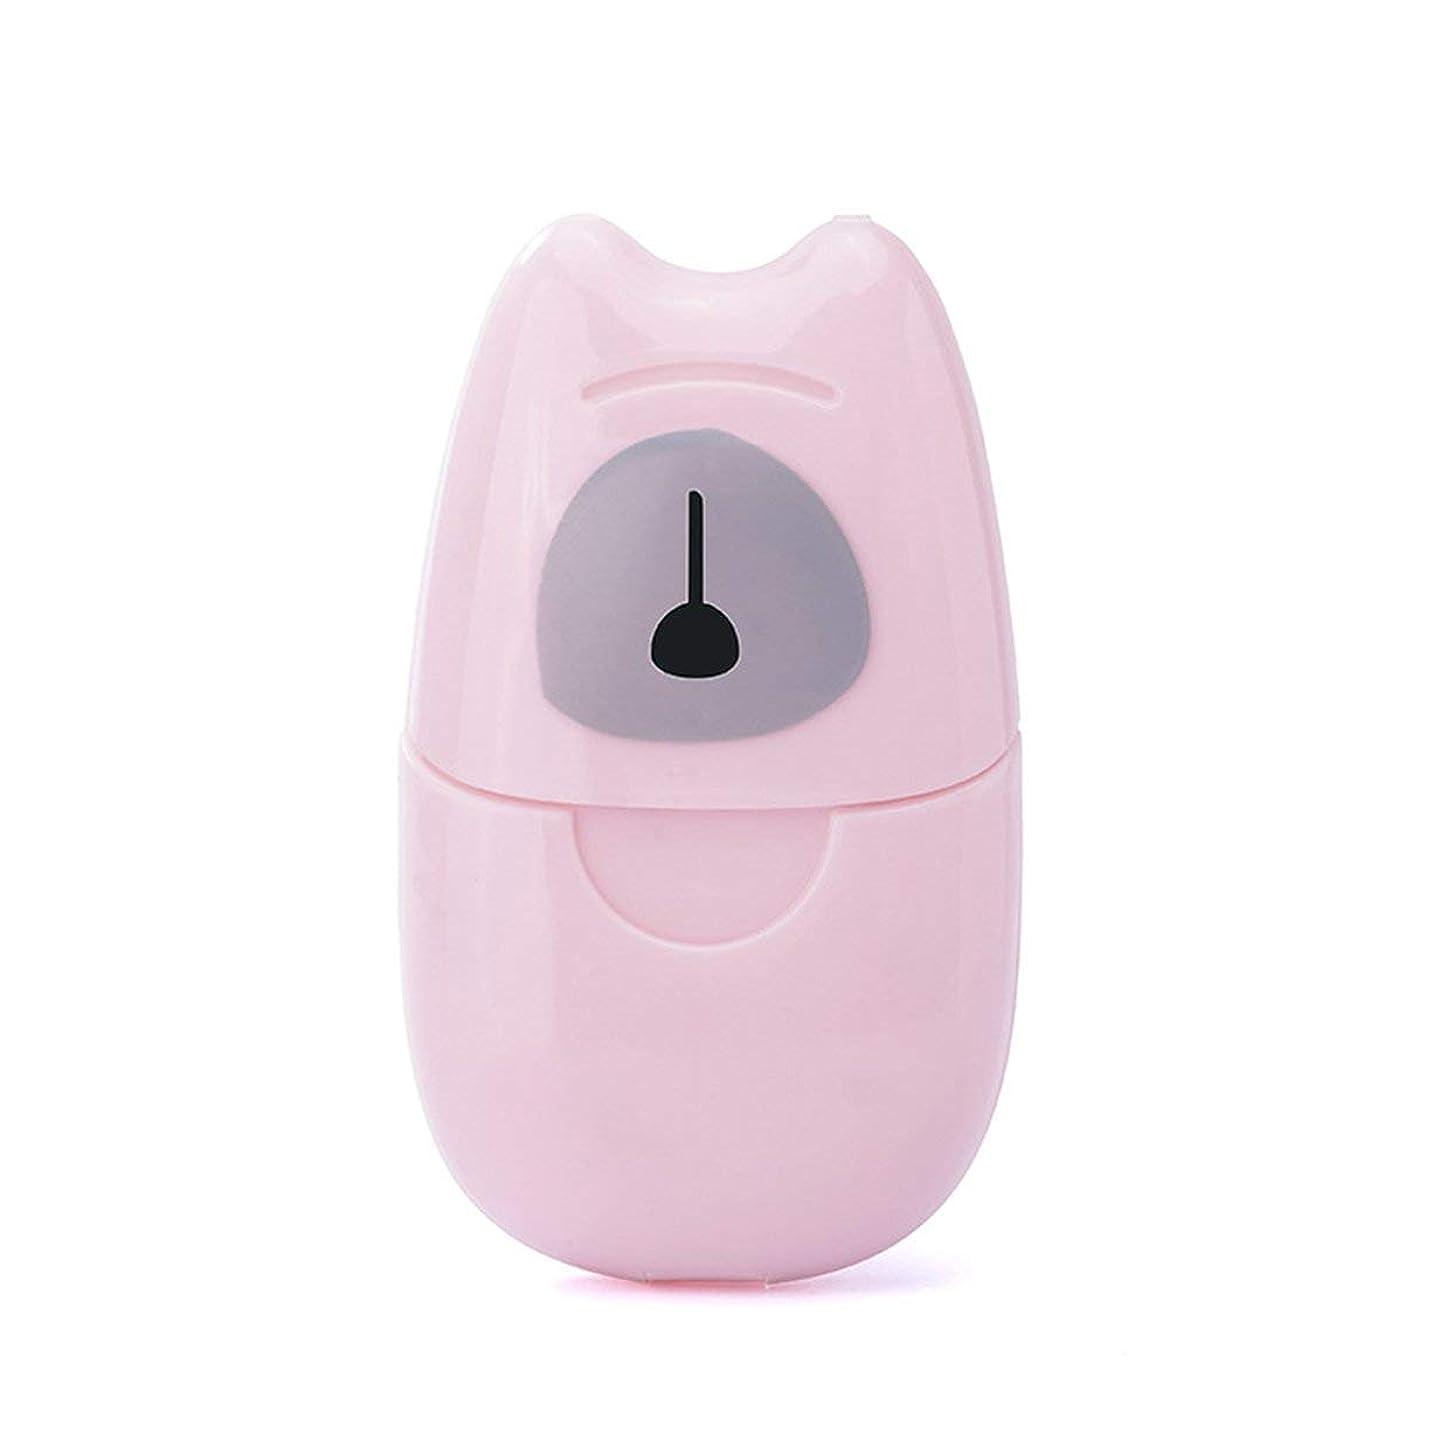 そよ風邪魔するにやにや箱入り石鹸紙旅行ポータブル屋外手洗い石鹸香料入りスライスシート50ピースプラスチックボックス付きミニ石鹸紙-ピンク